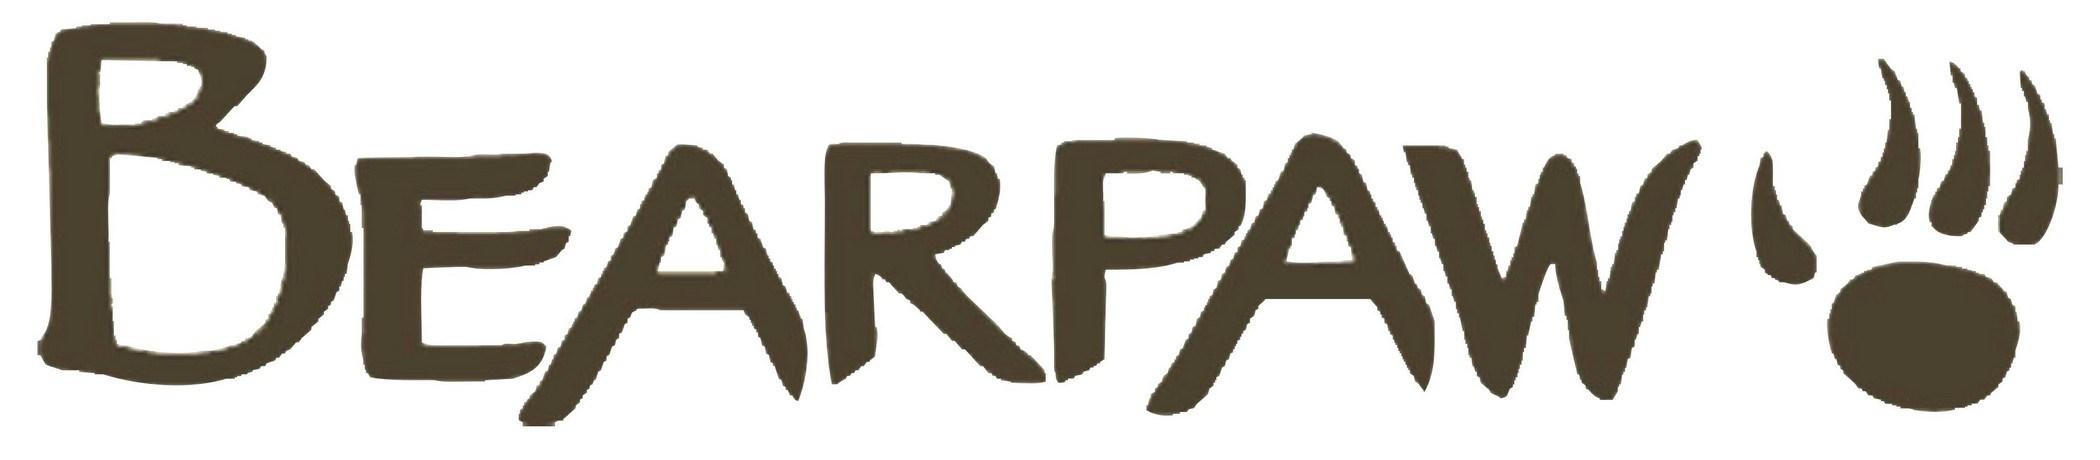 Bearpaw Logo png